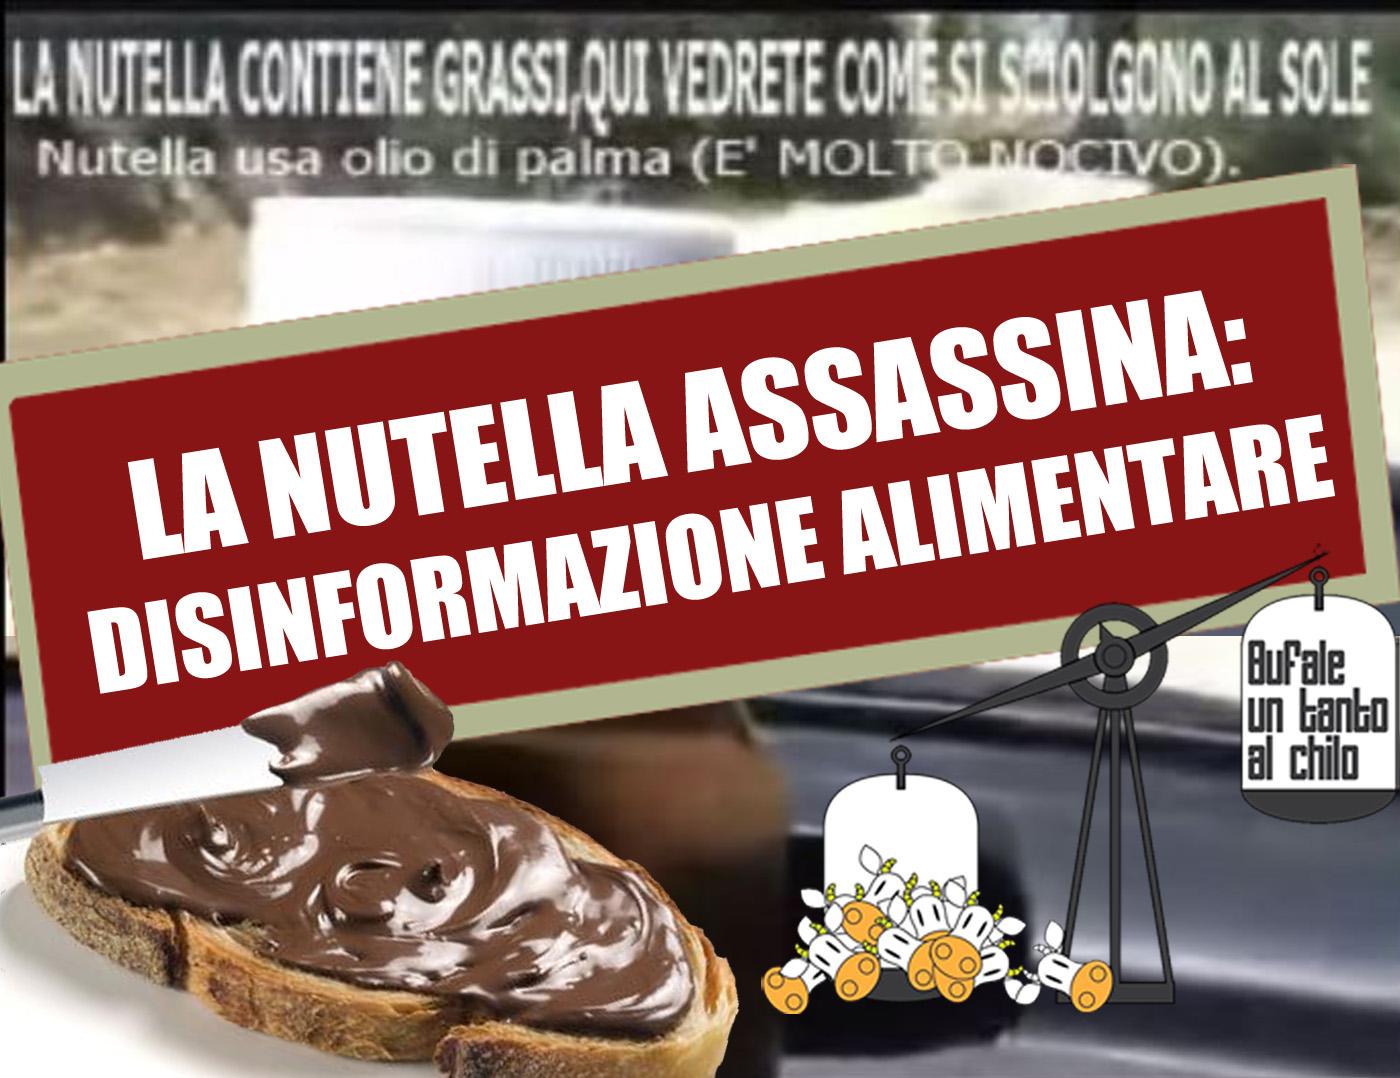 4e2f569b16 La Nutella assassina — BUTAC - Bufale un tanto al chilo